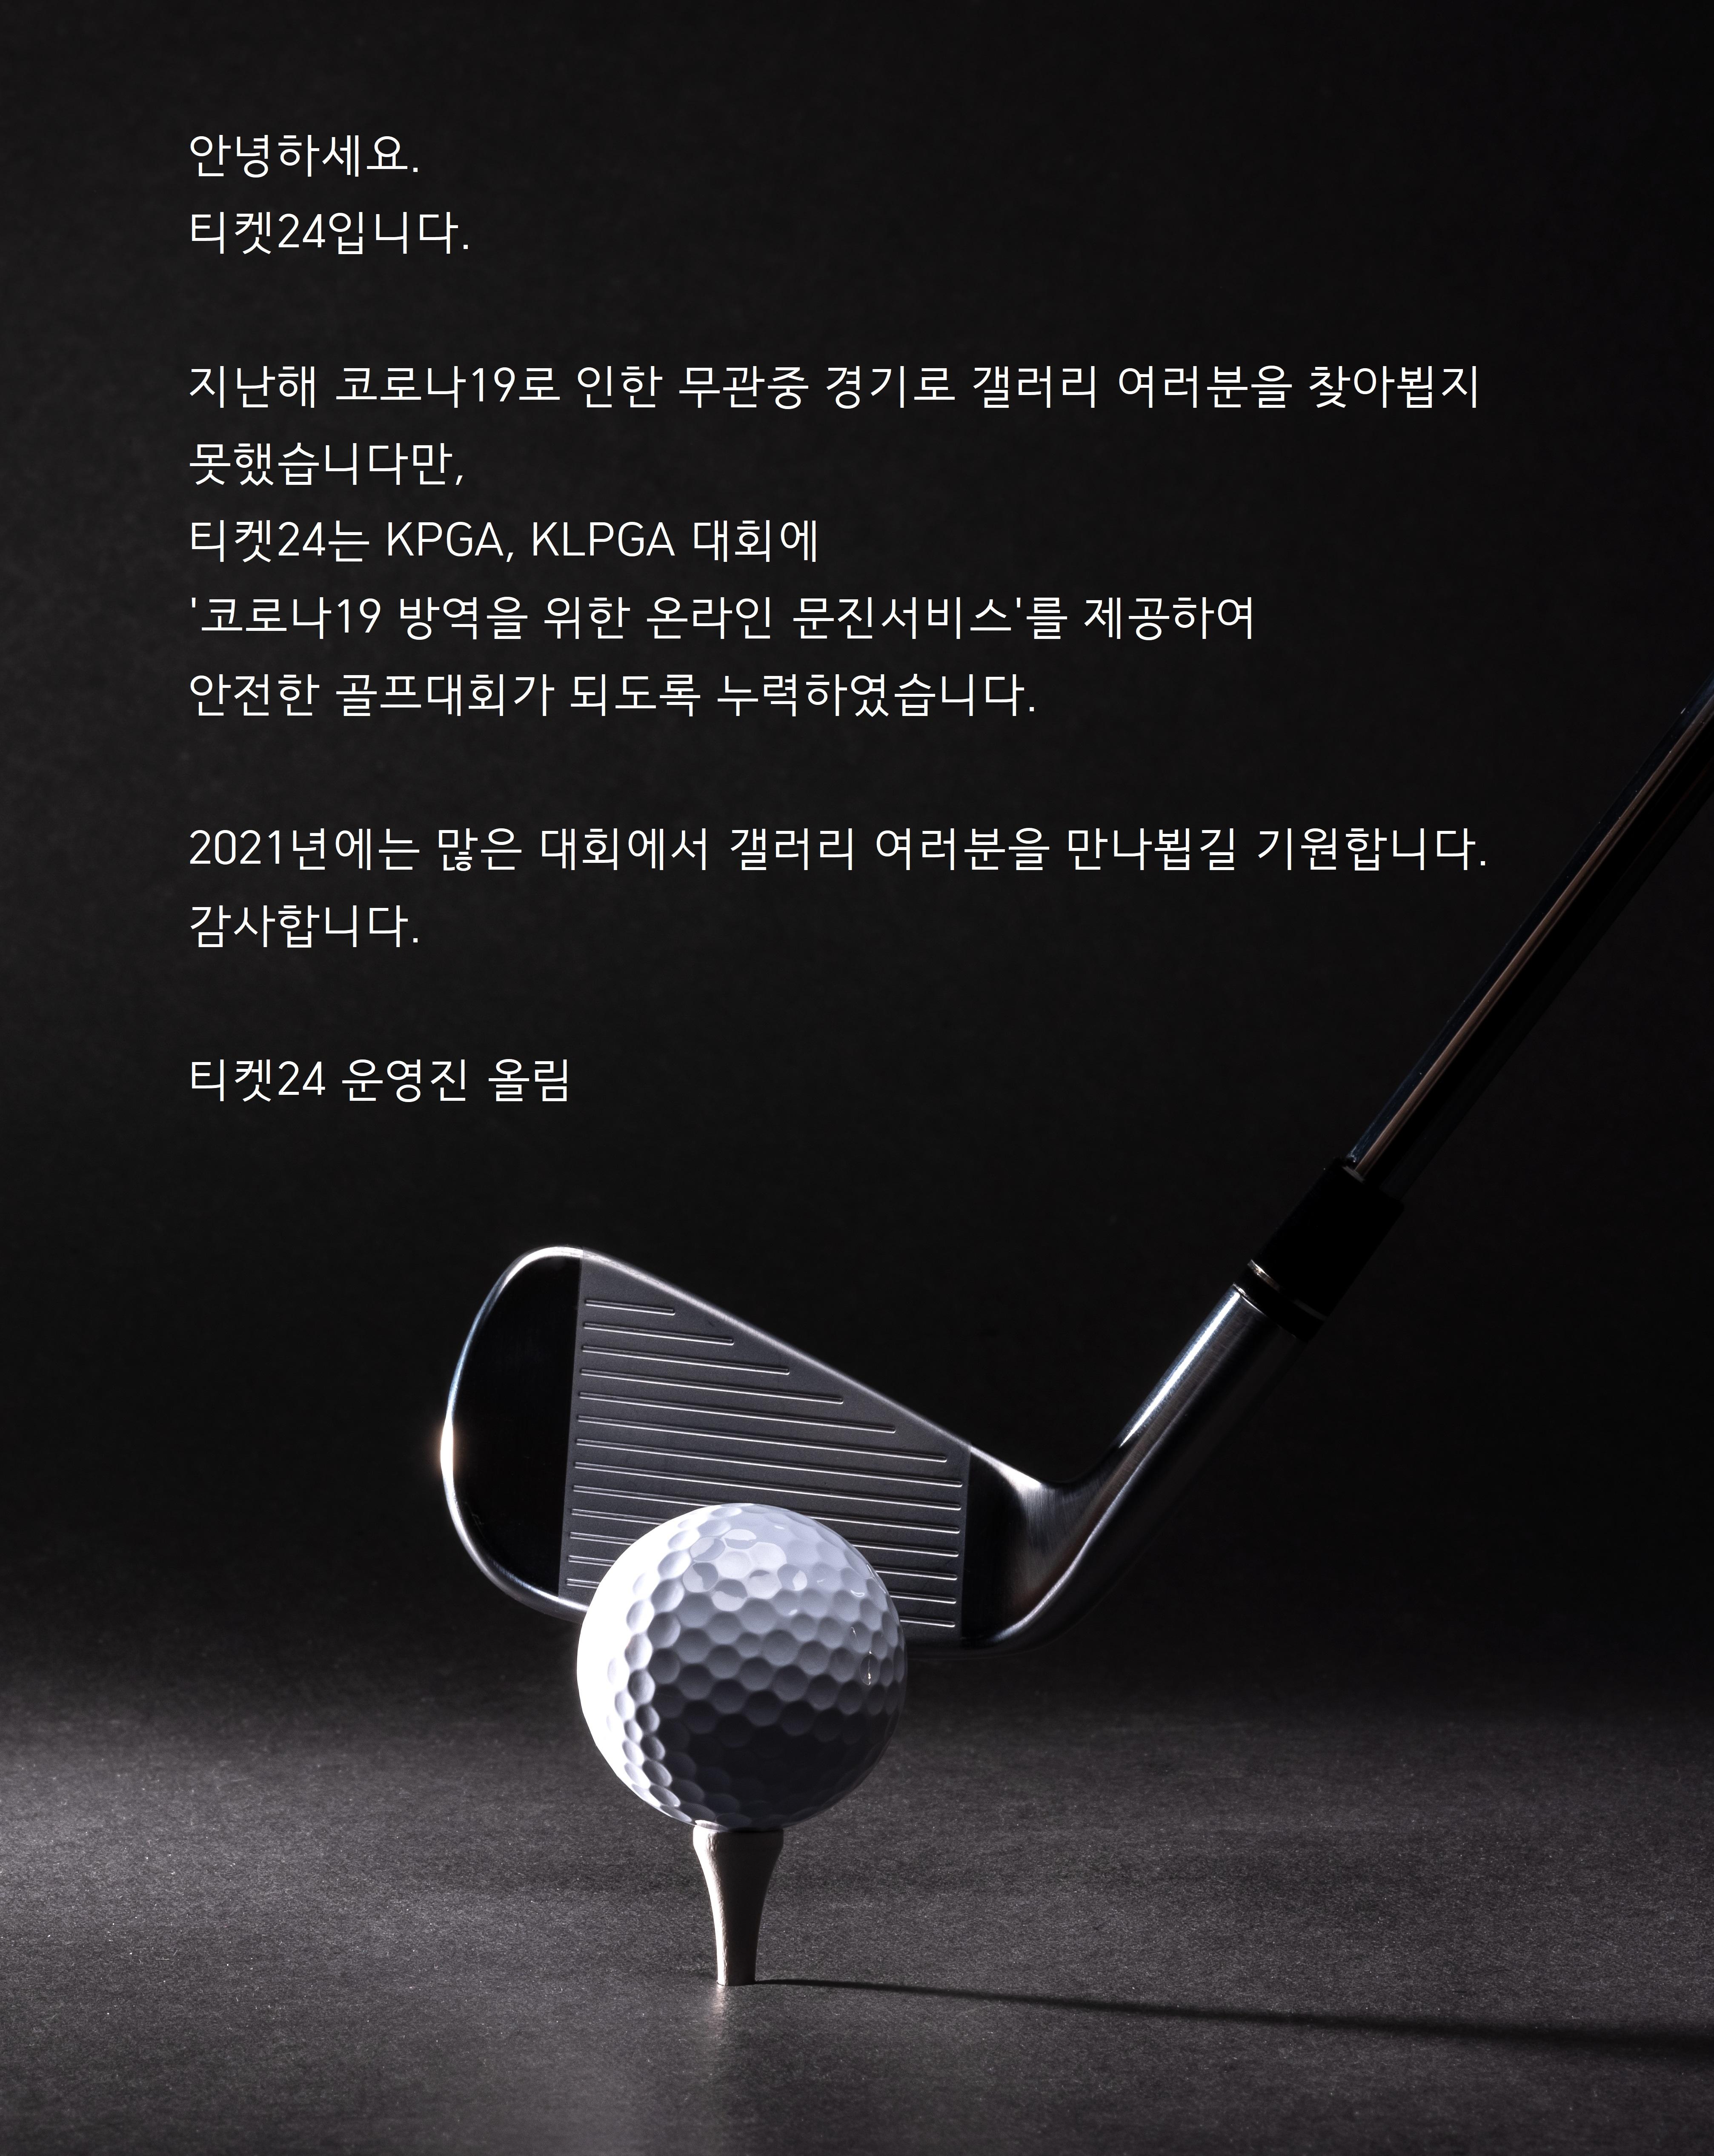 감사의 글 포스터